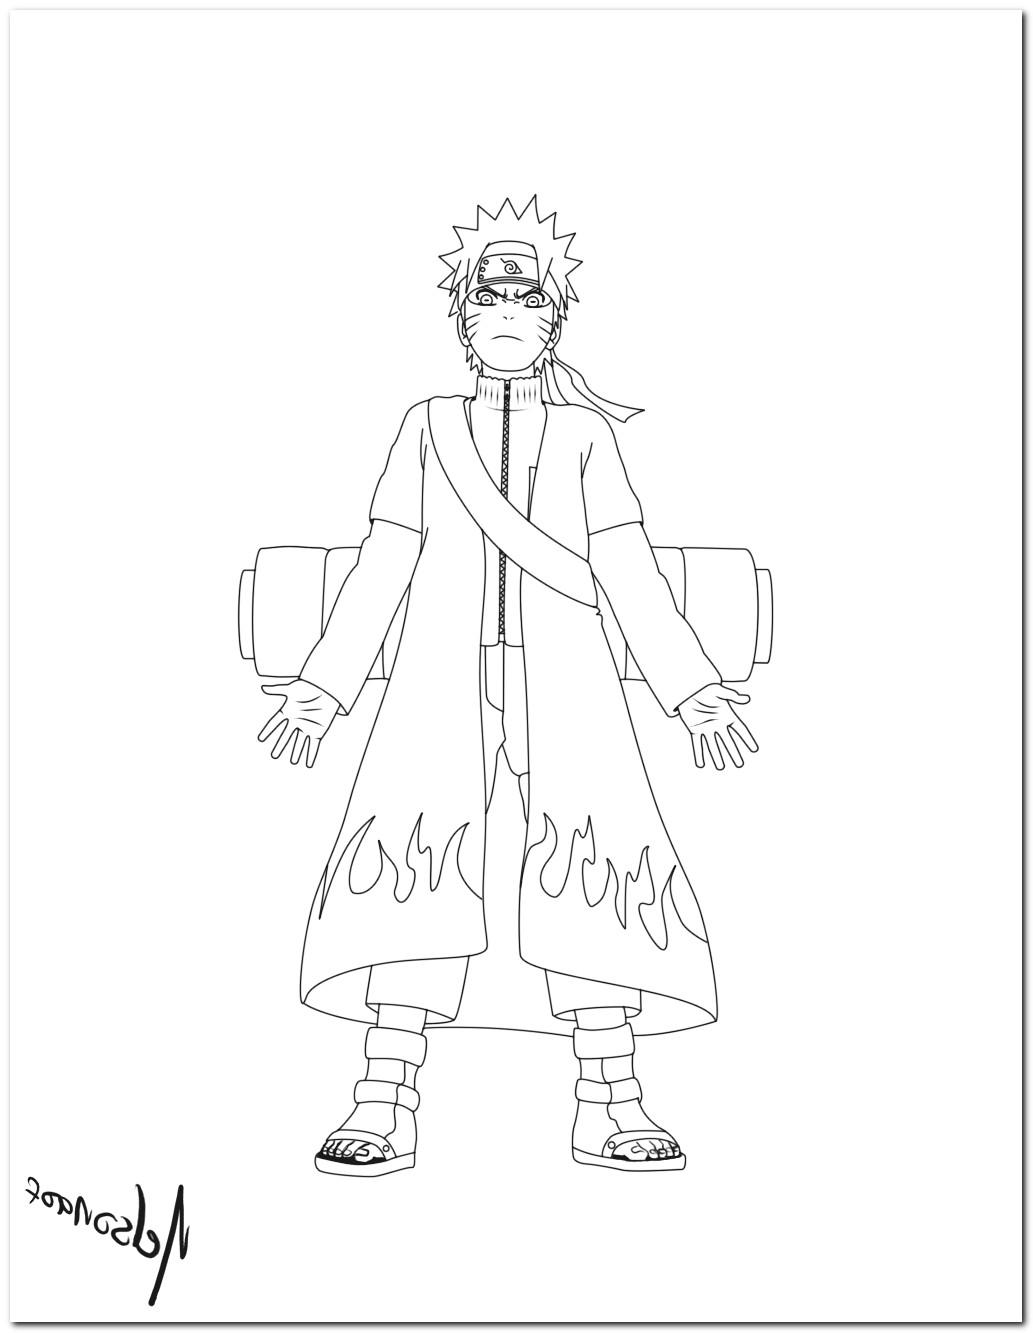 Hinh-to-mau-anime-dep-nhat (24)